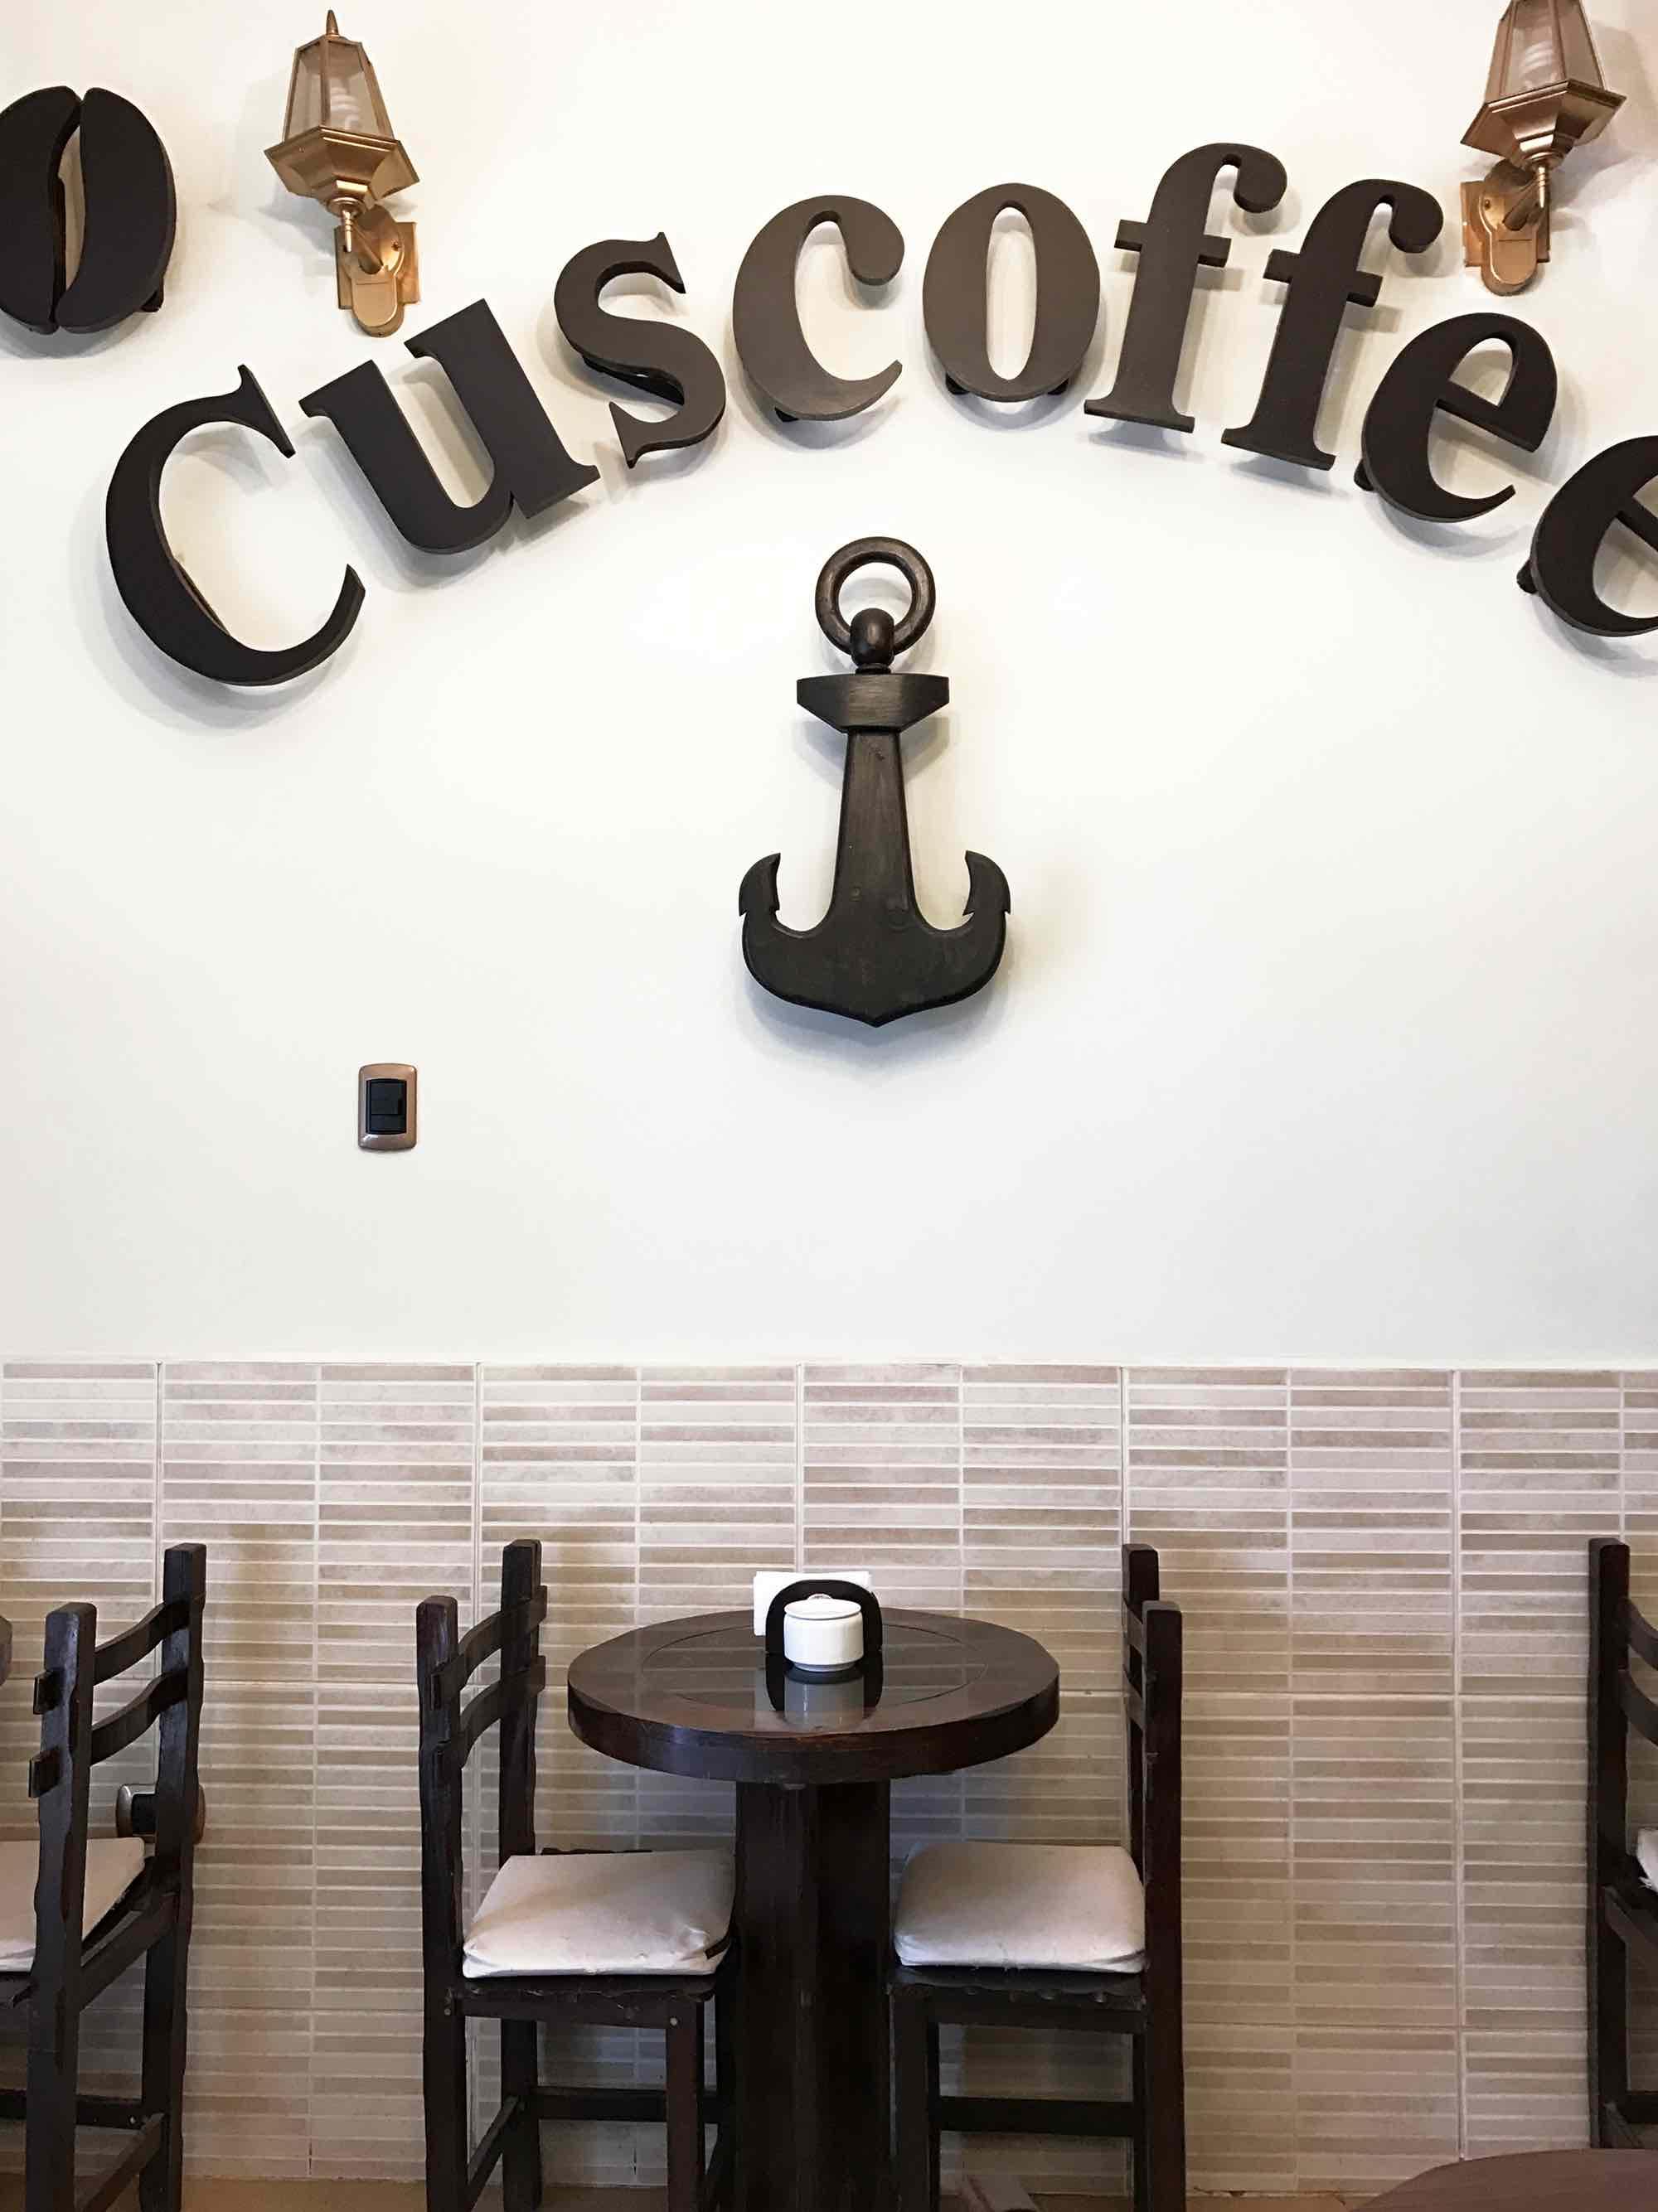 Cuscoffee cafe in Cusco Peru